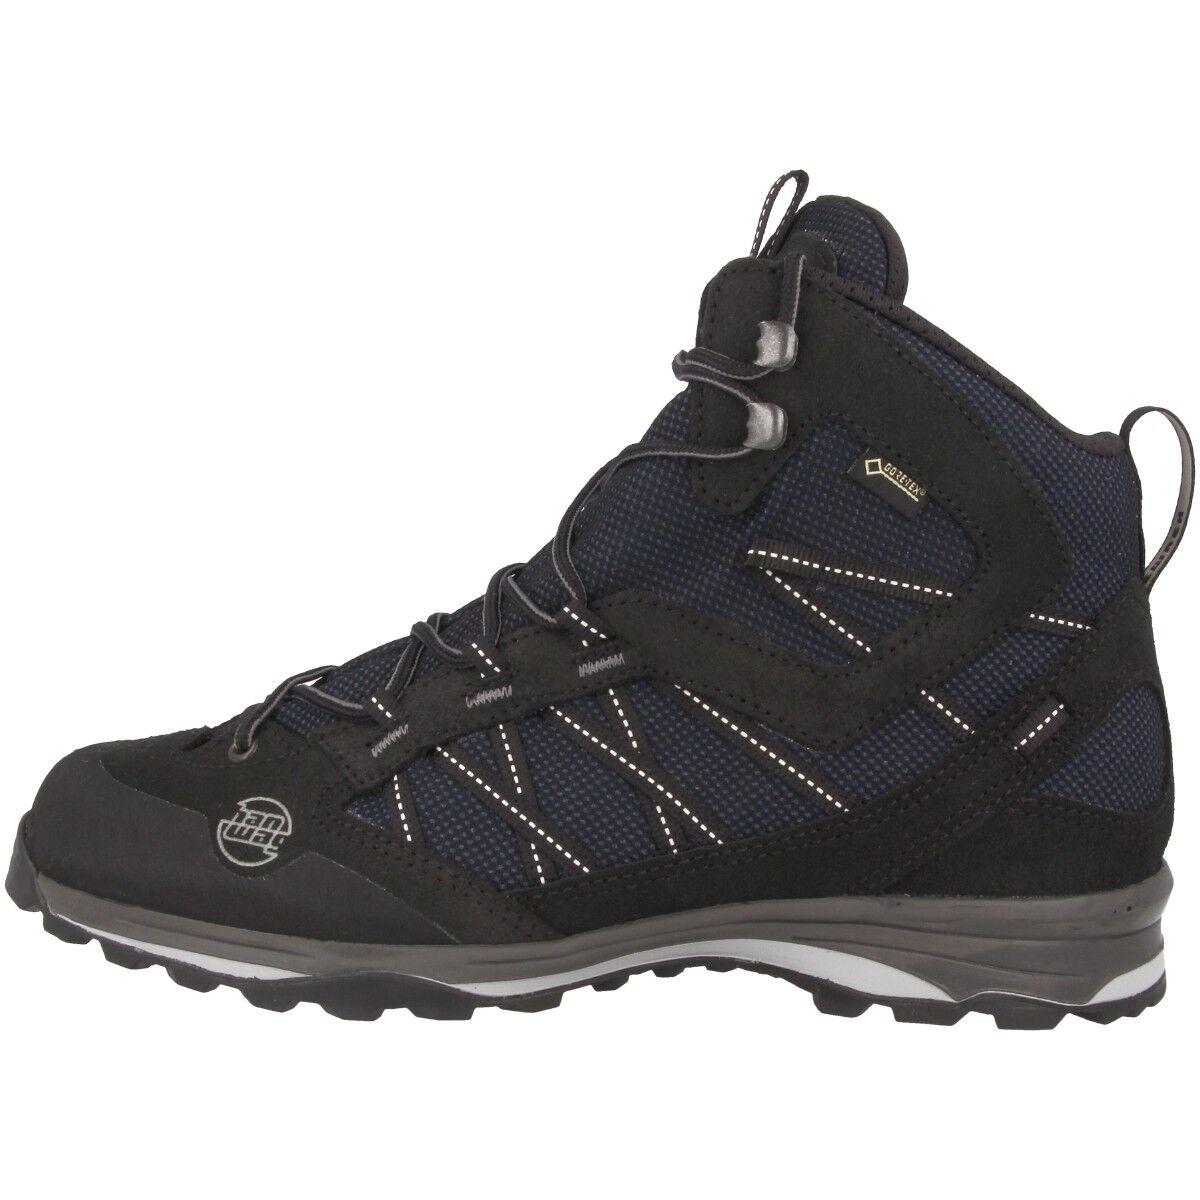 Hanwag Belorado II Mid GTX Stiefel Herren Gore-Tex Outdoor Schuhe 201000-012012